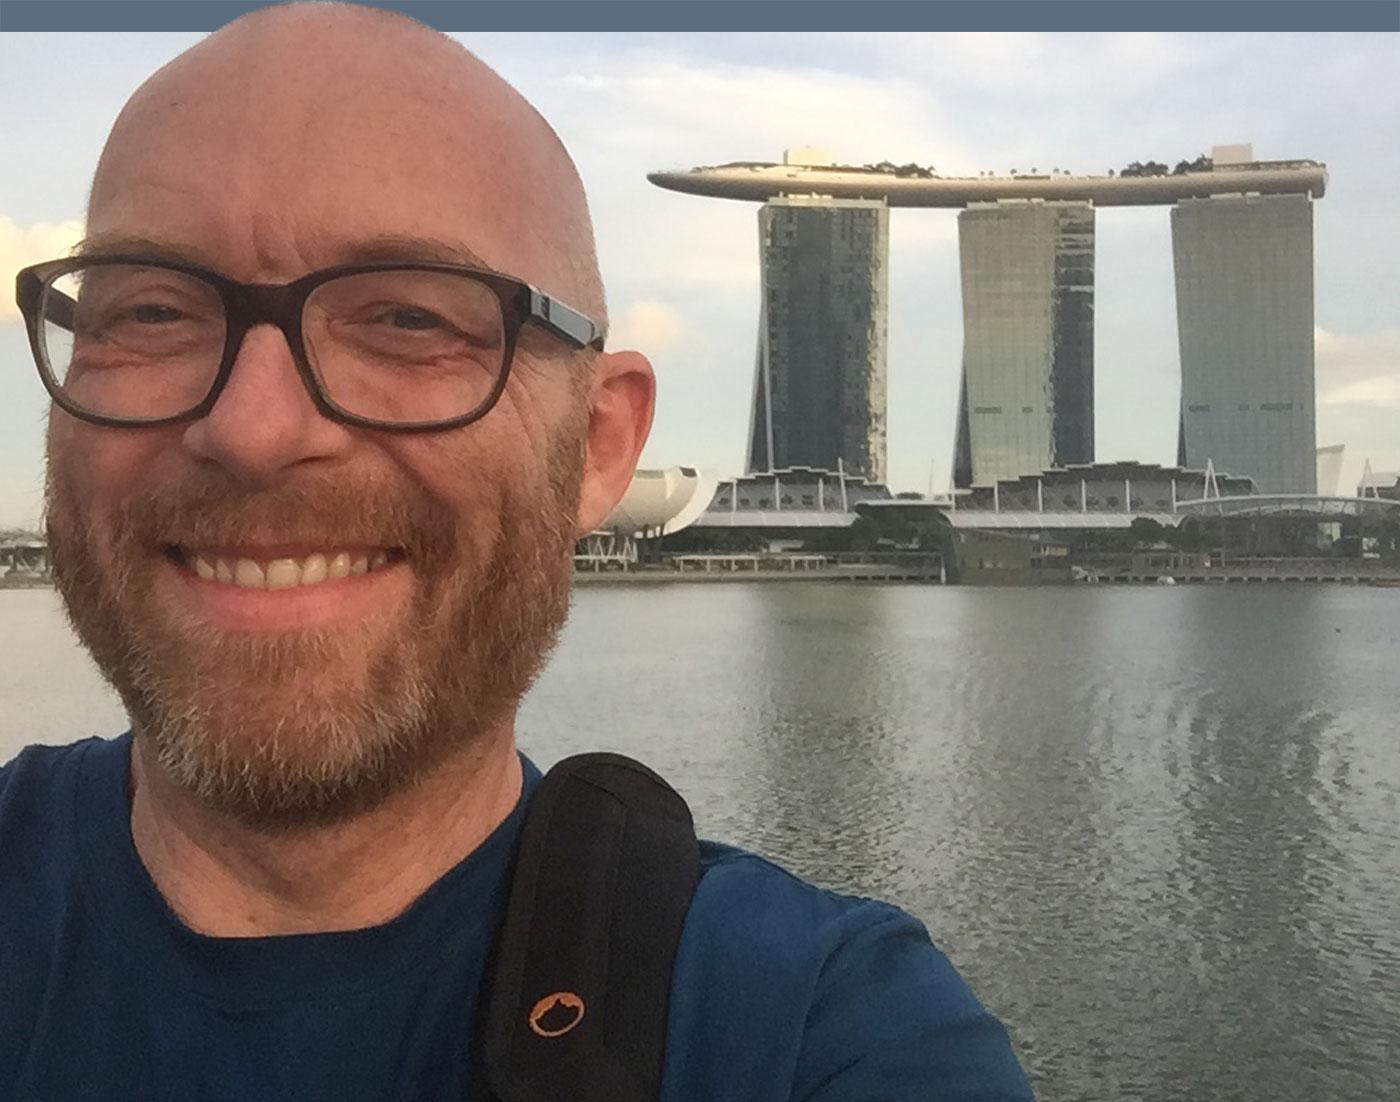 singapore2_thumb